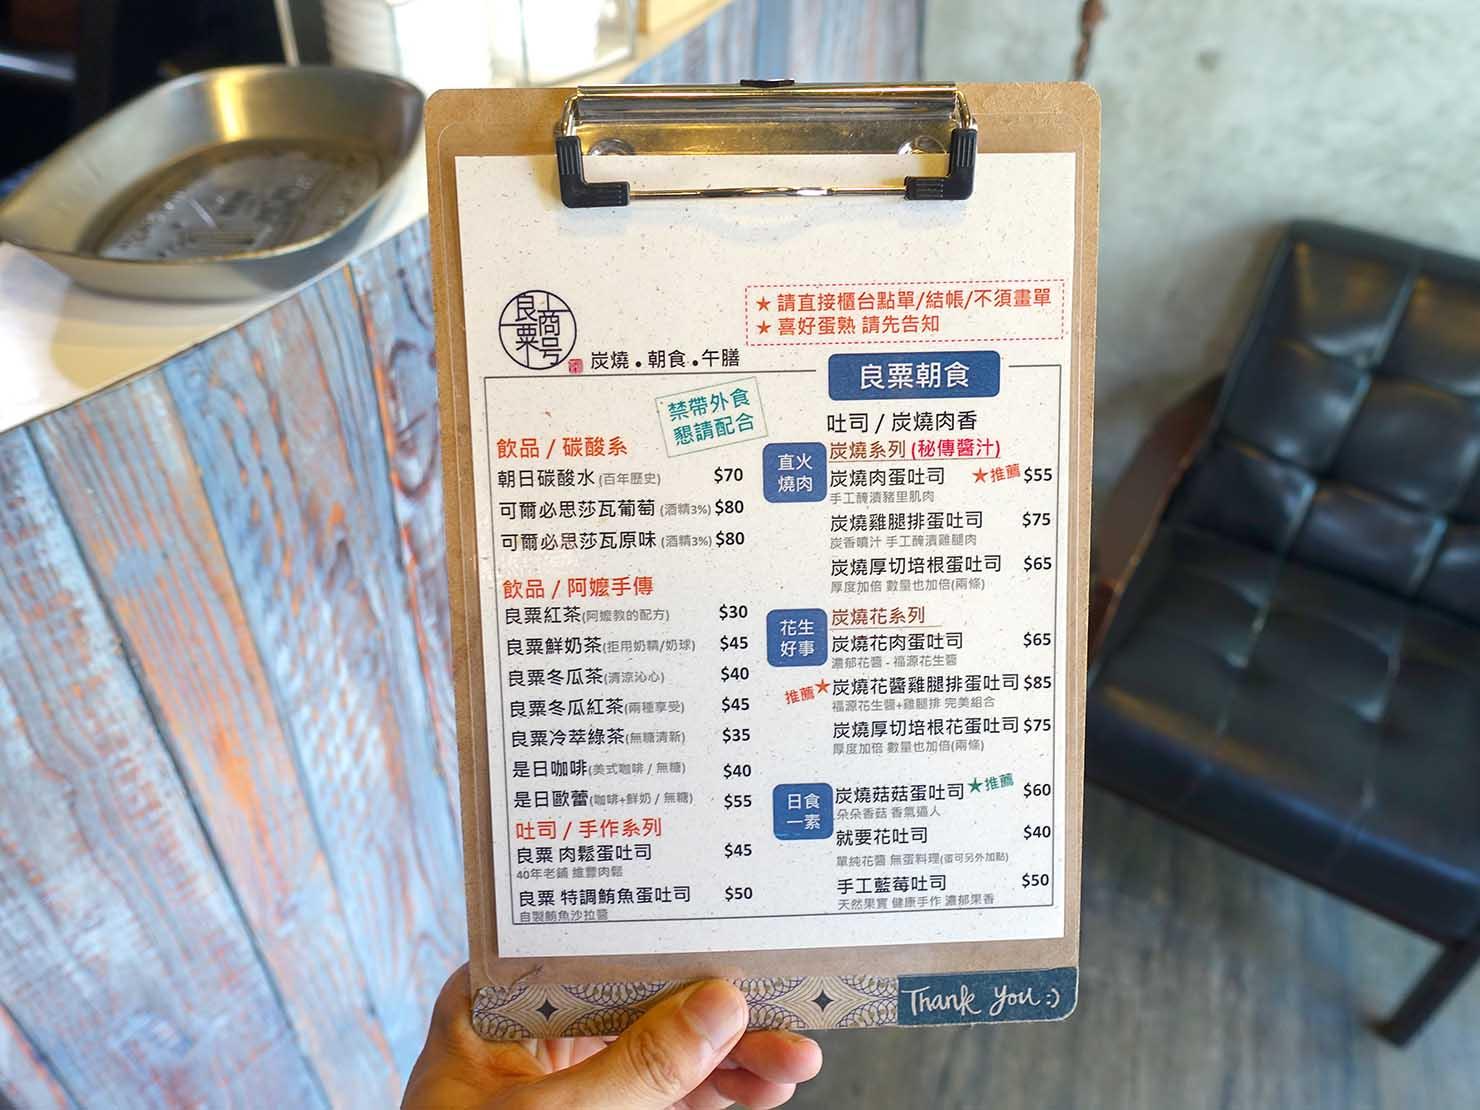 台北・行天宮のおすすめグルメ店「良粟商號」のメニュー